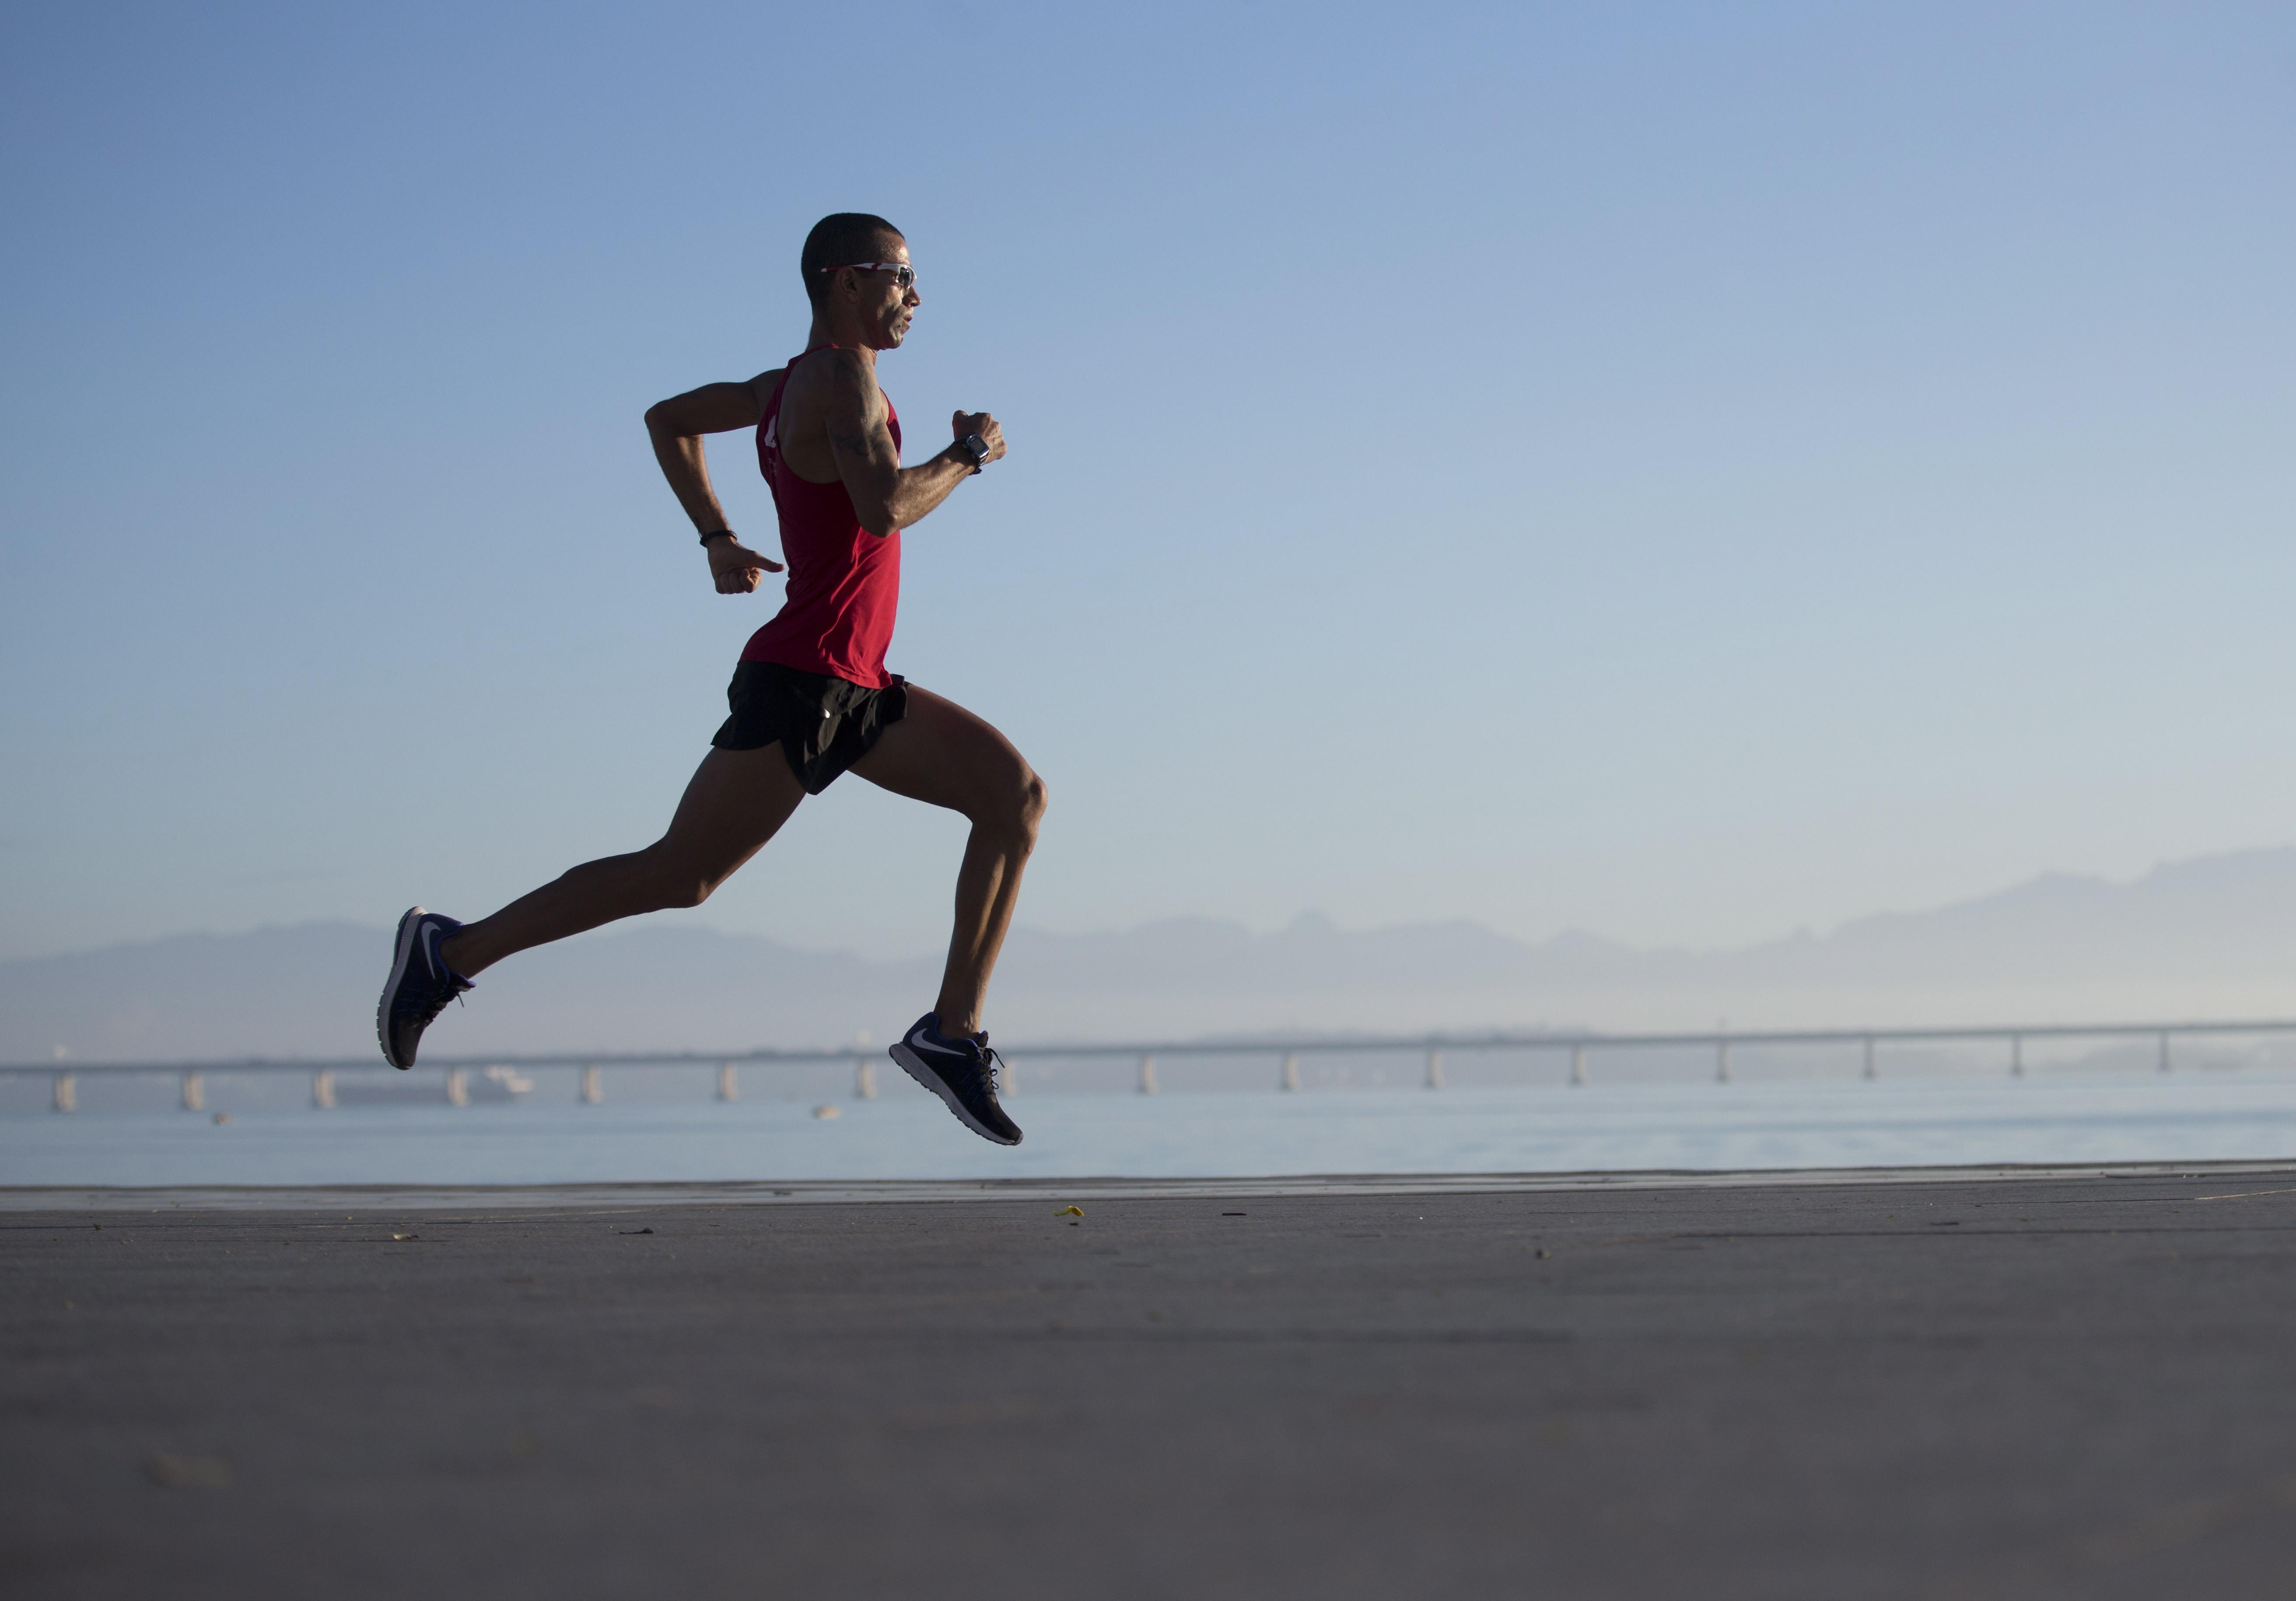 Carlos Magno ganhou emprego em uma multinacional graças à corrida; tem 2h30 em 42k